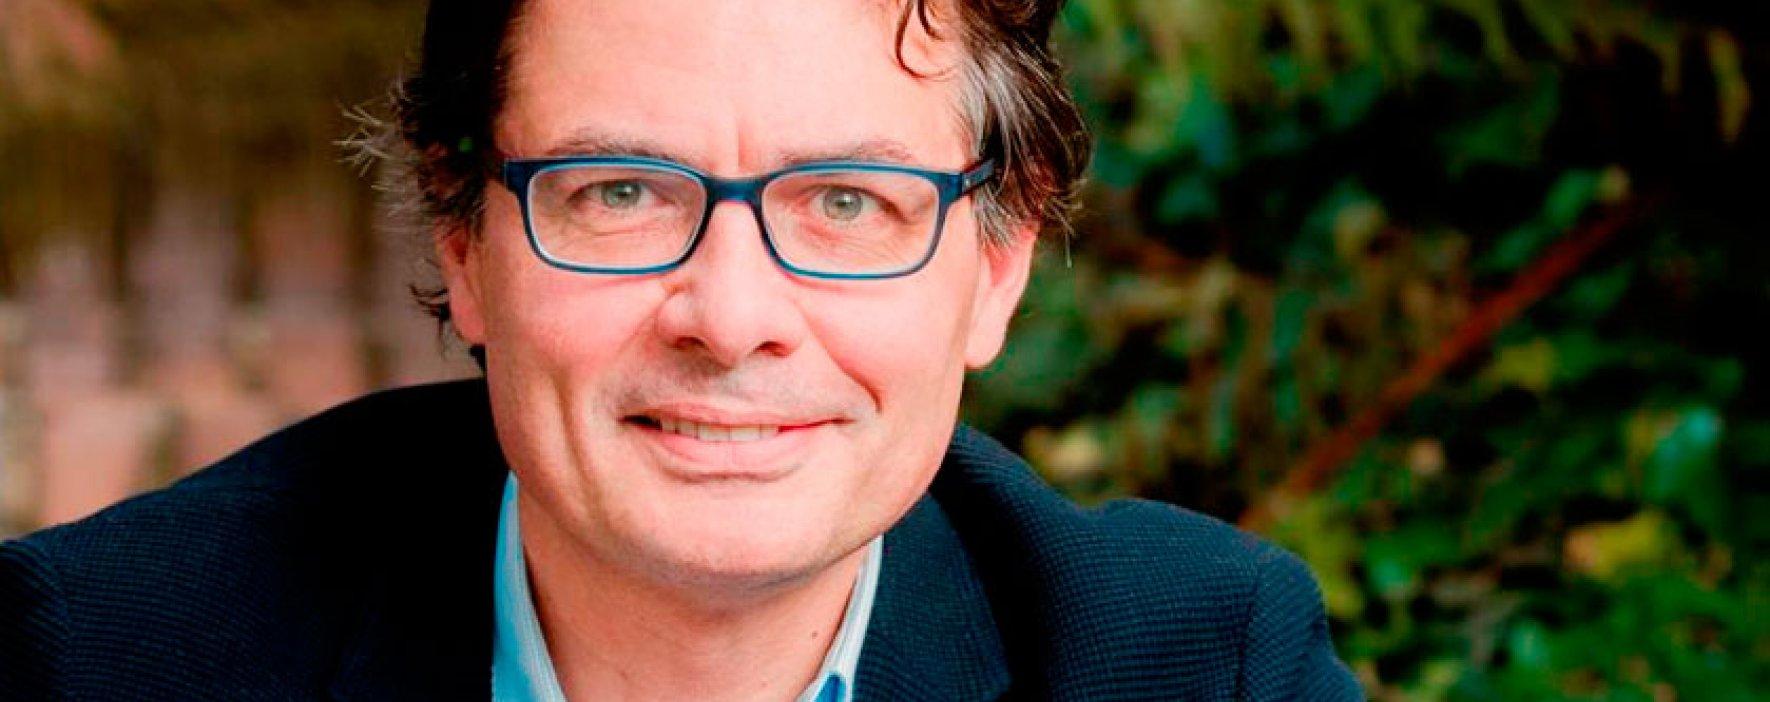 Alejandro Gaviria Uribe es el nuevo rector de la Universidad de los Andes